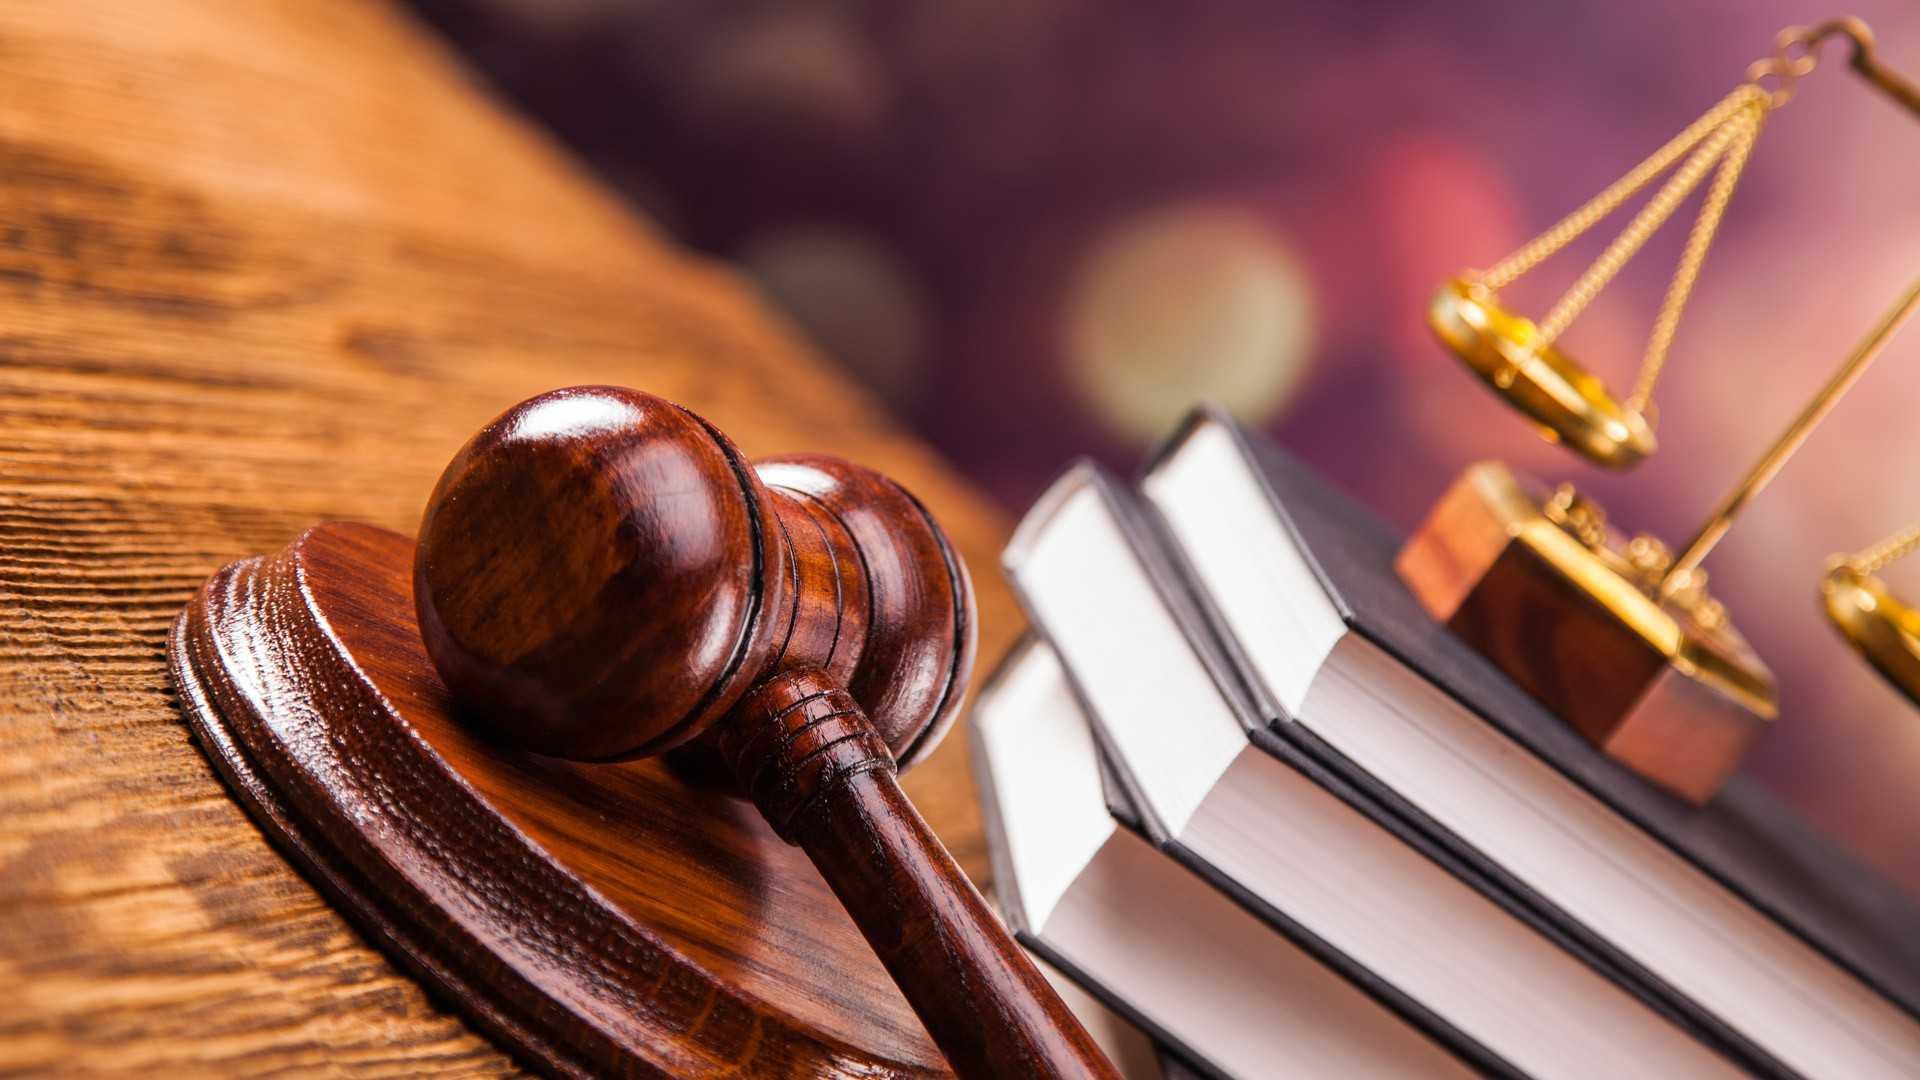 Директора ООО «Камри» обязали выплатить судебный штраф за долги перед «Кировской теплоснабжающей компанией»